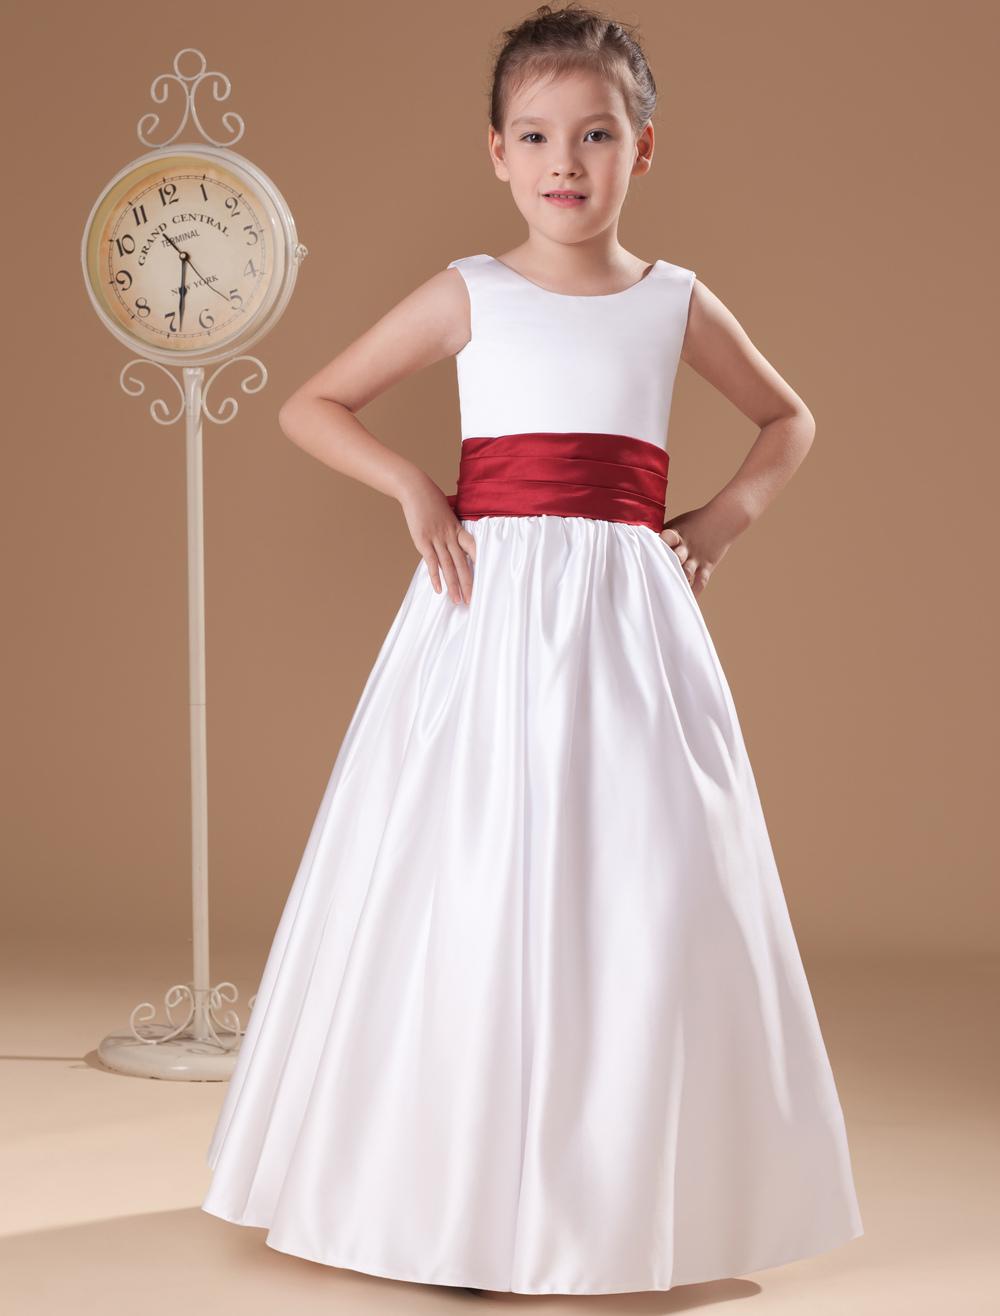 d45d88e6374 ... Beauteous White Sleeveless Sash Bow Satin Flower Girl Dress-No.7. 12.  32%OFF. Color White